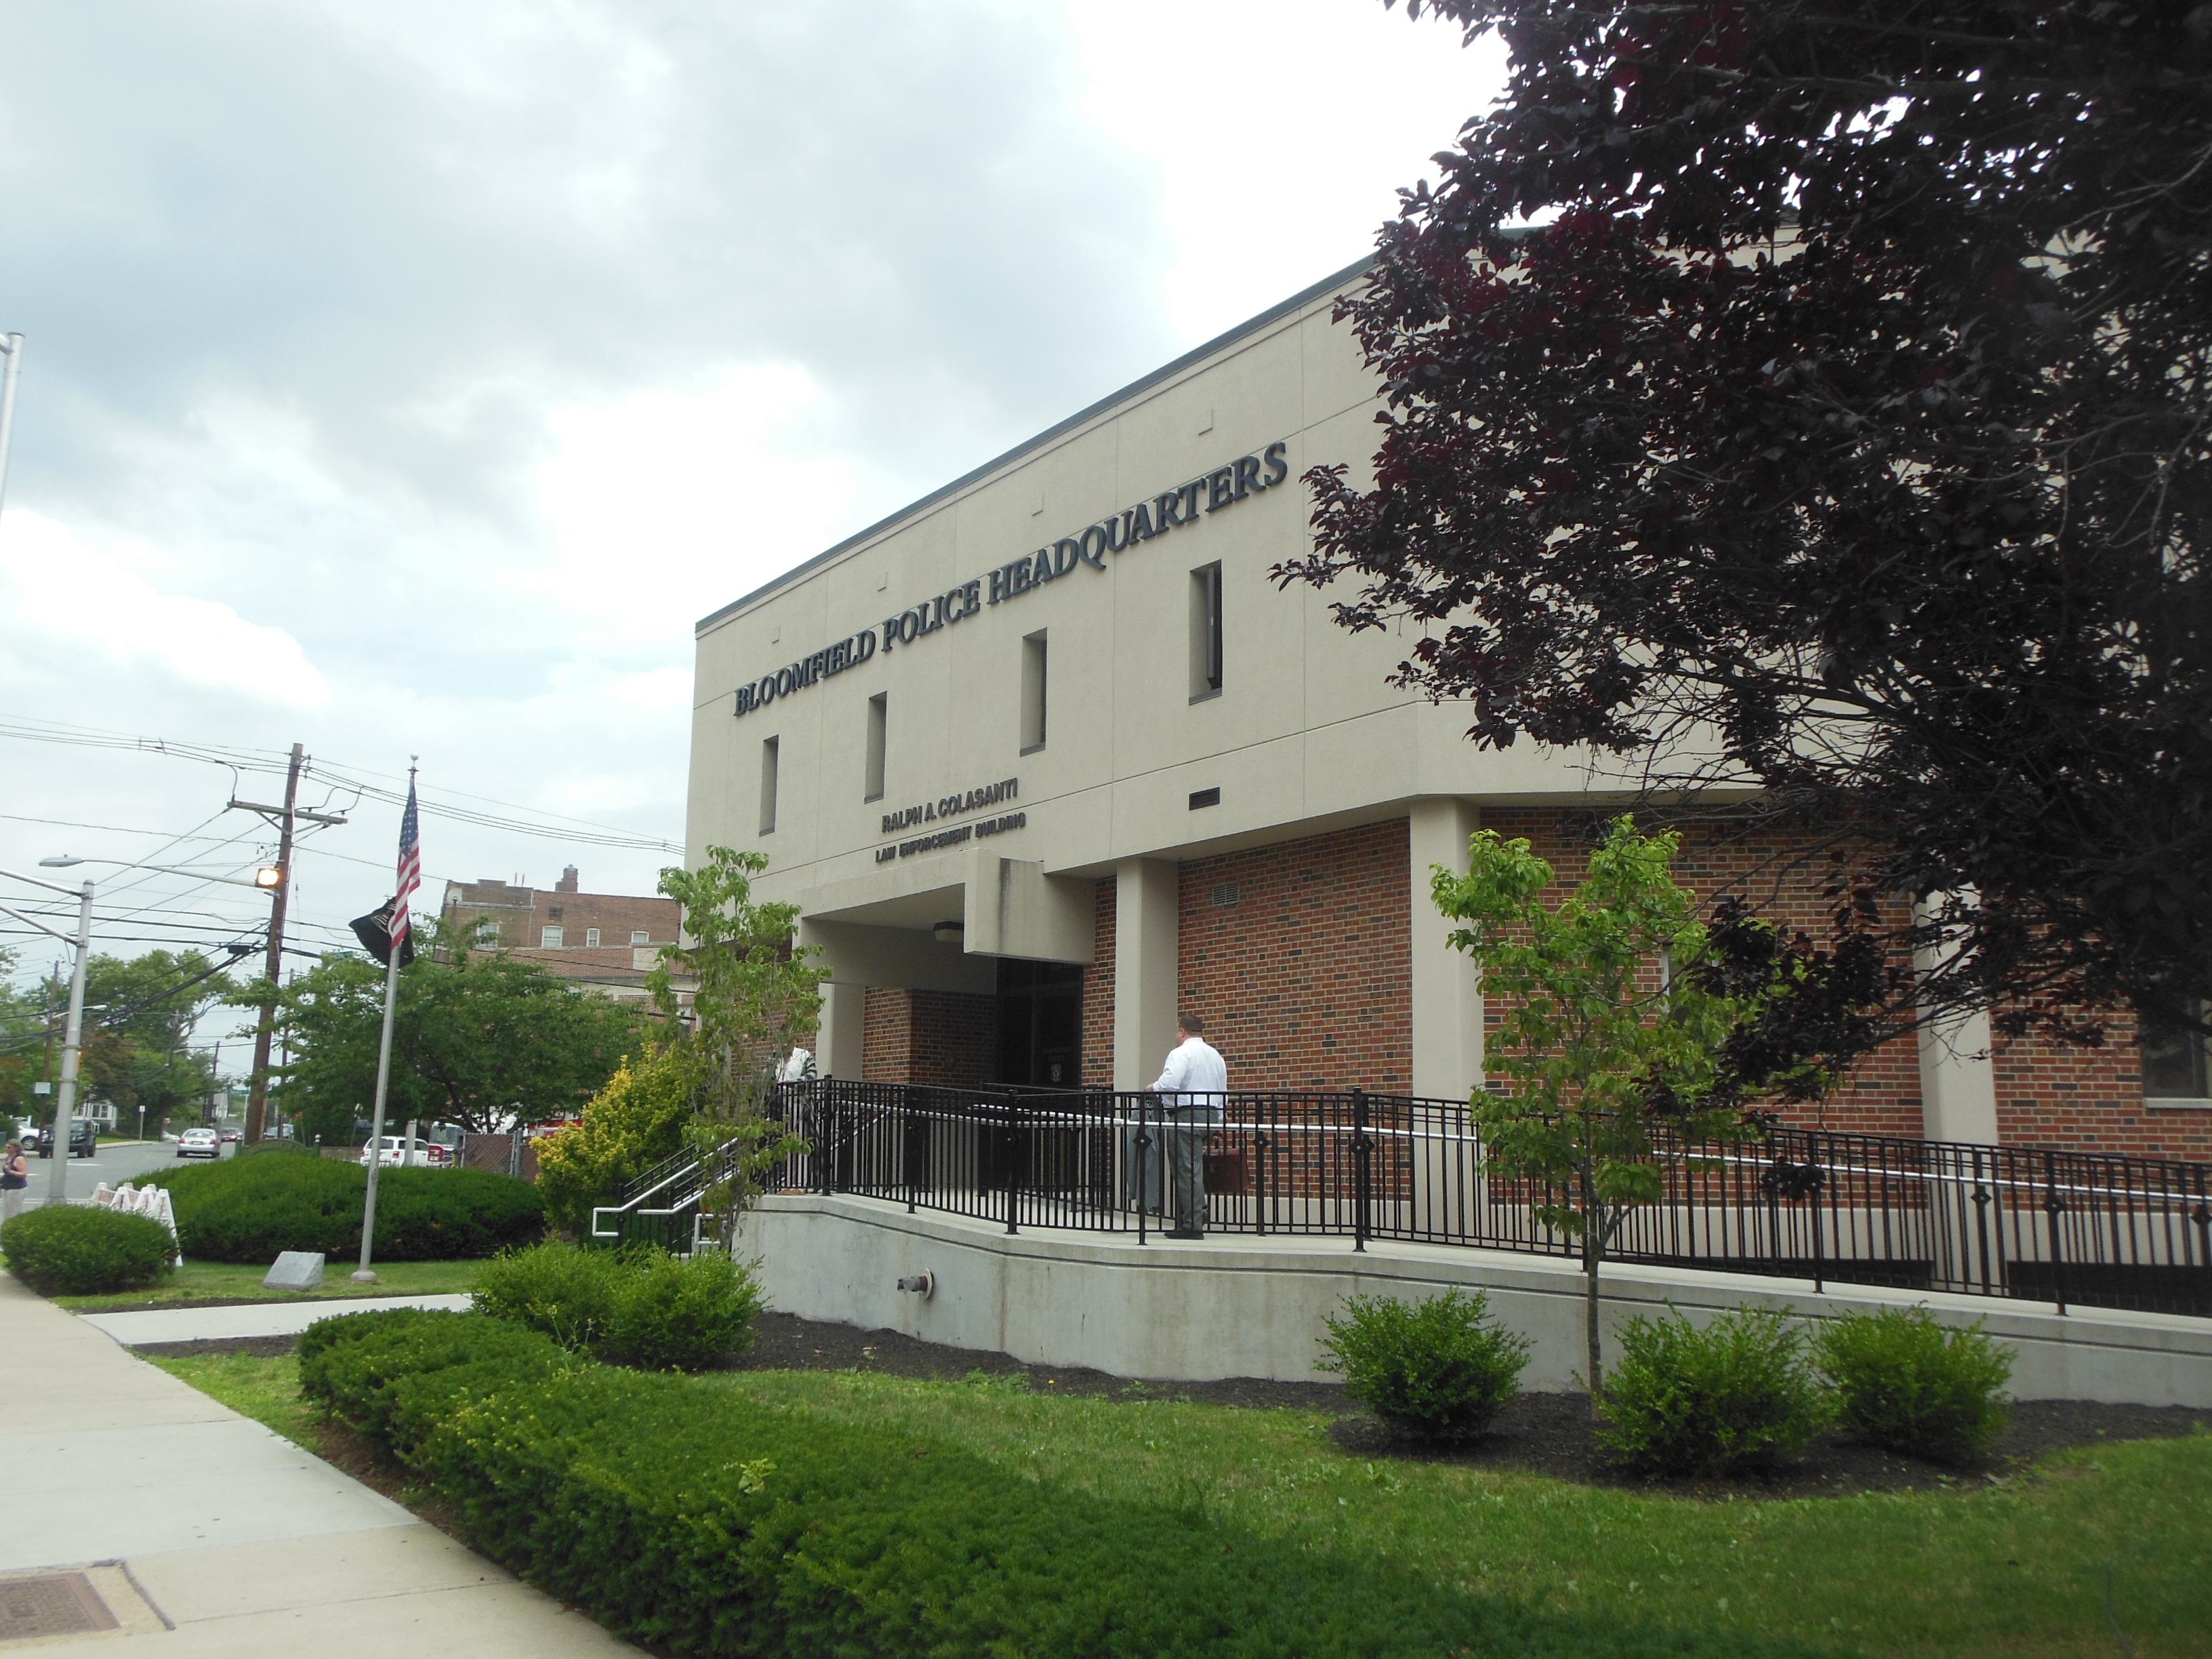 Bloomfield Police Station Renovation